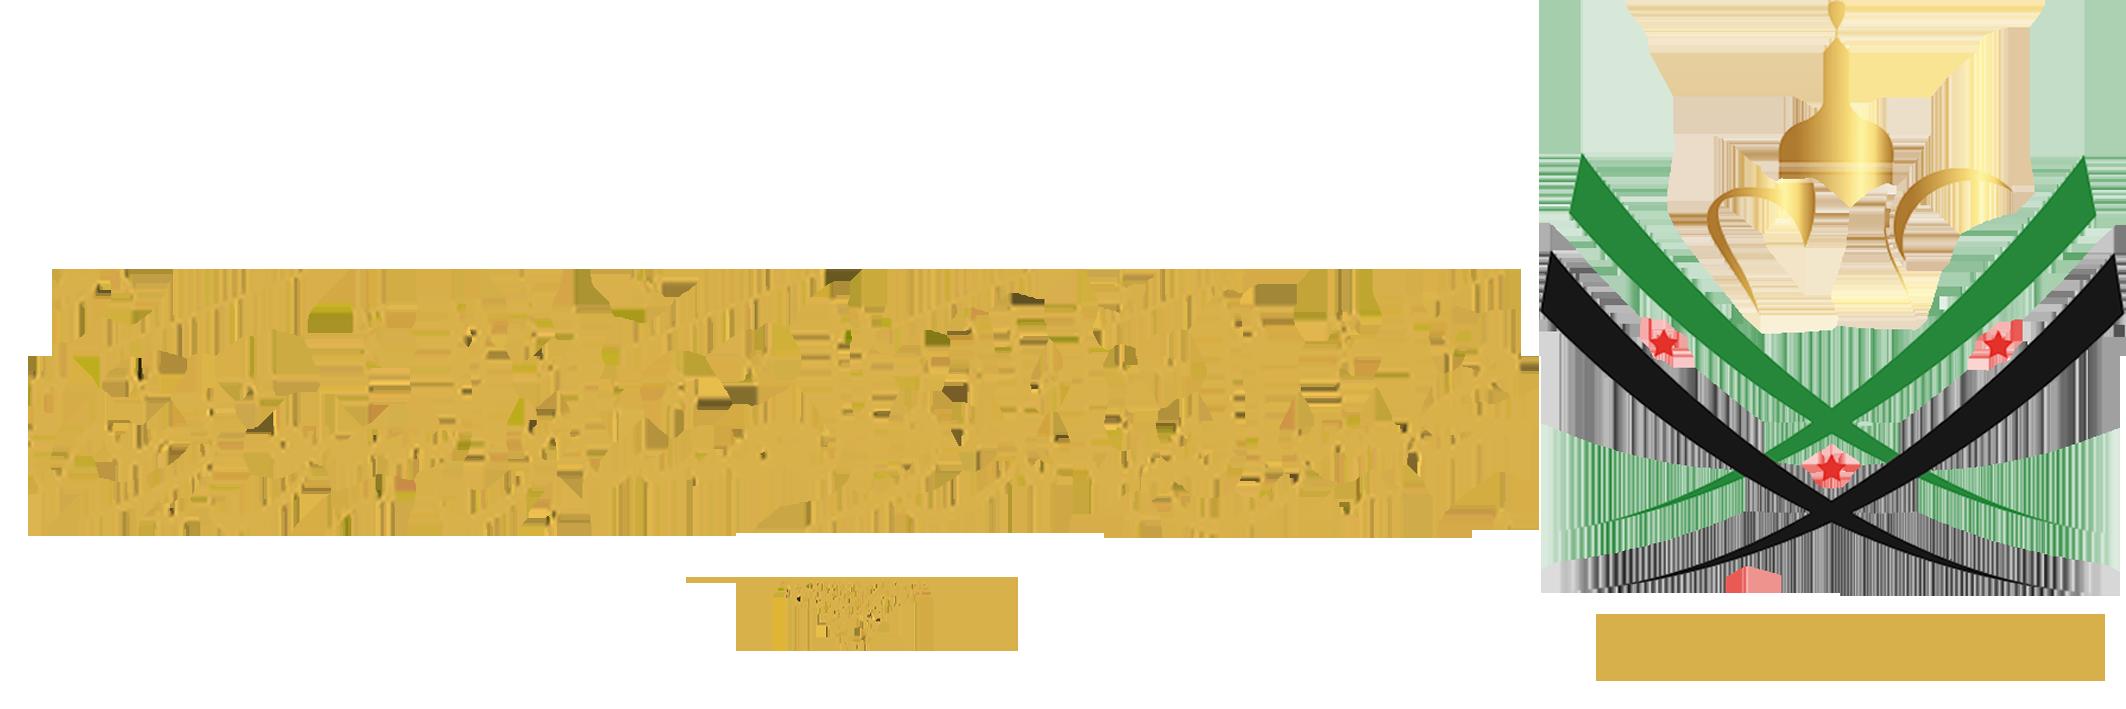 مجلس القبائل والعشائر السورية